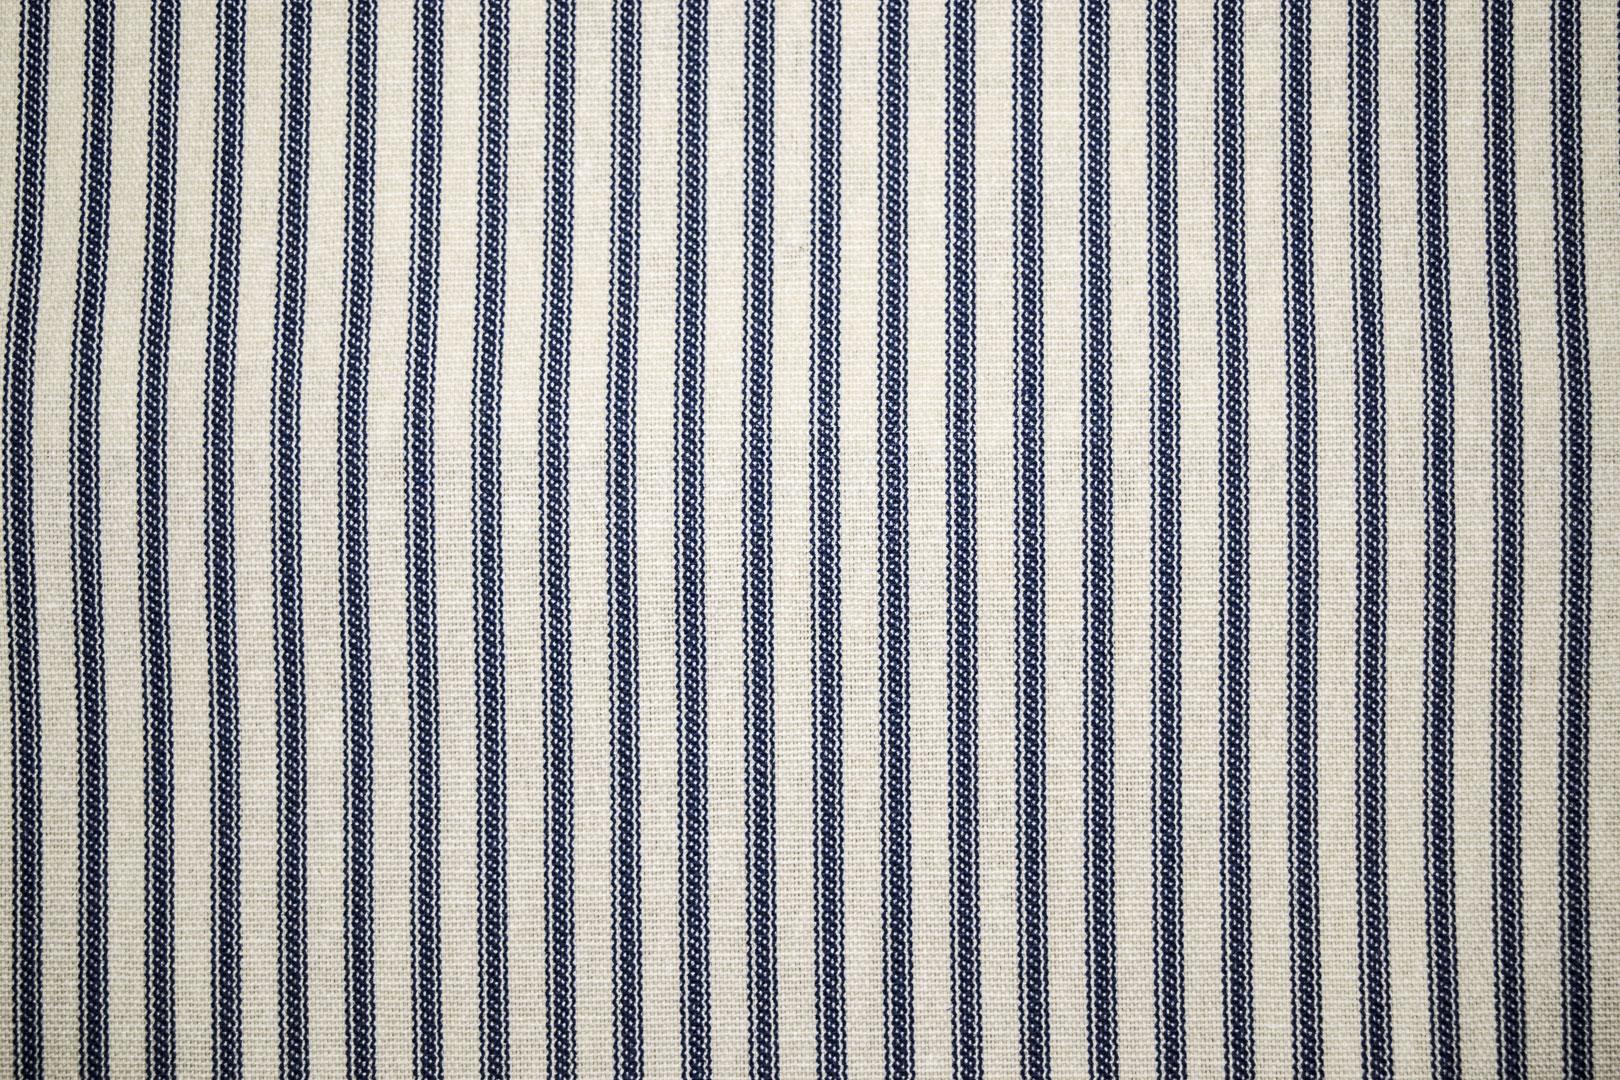 19_VerticalStripe_Blue